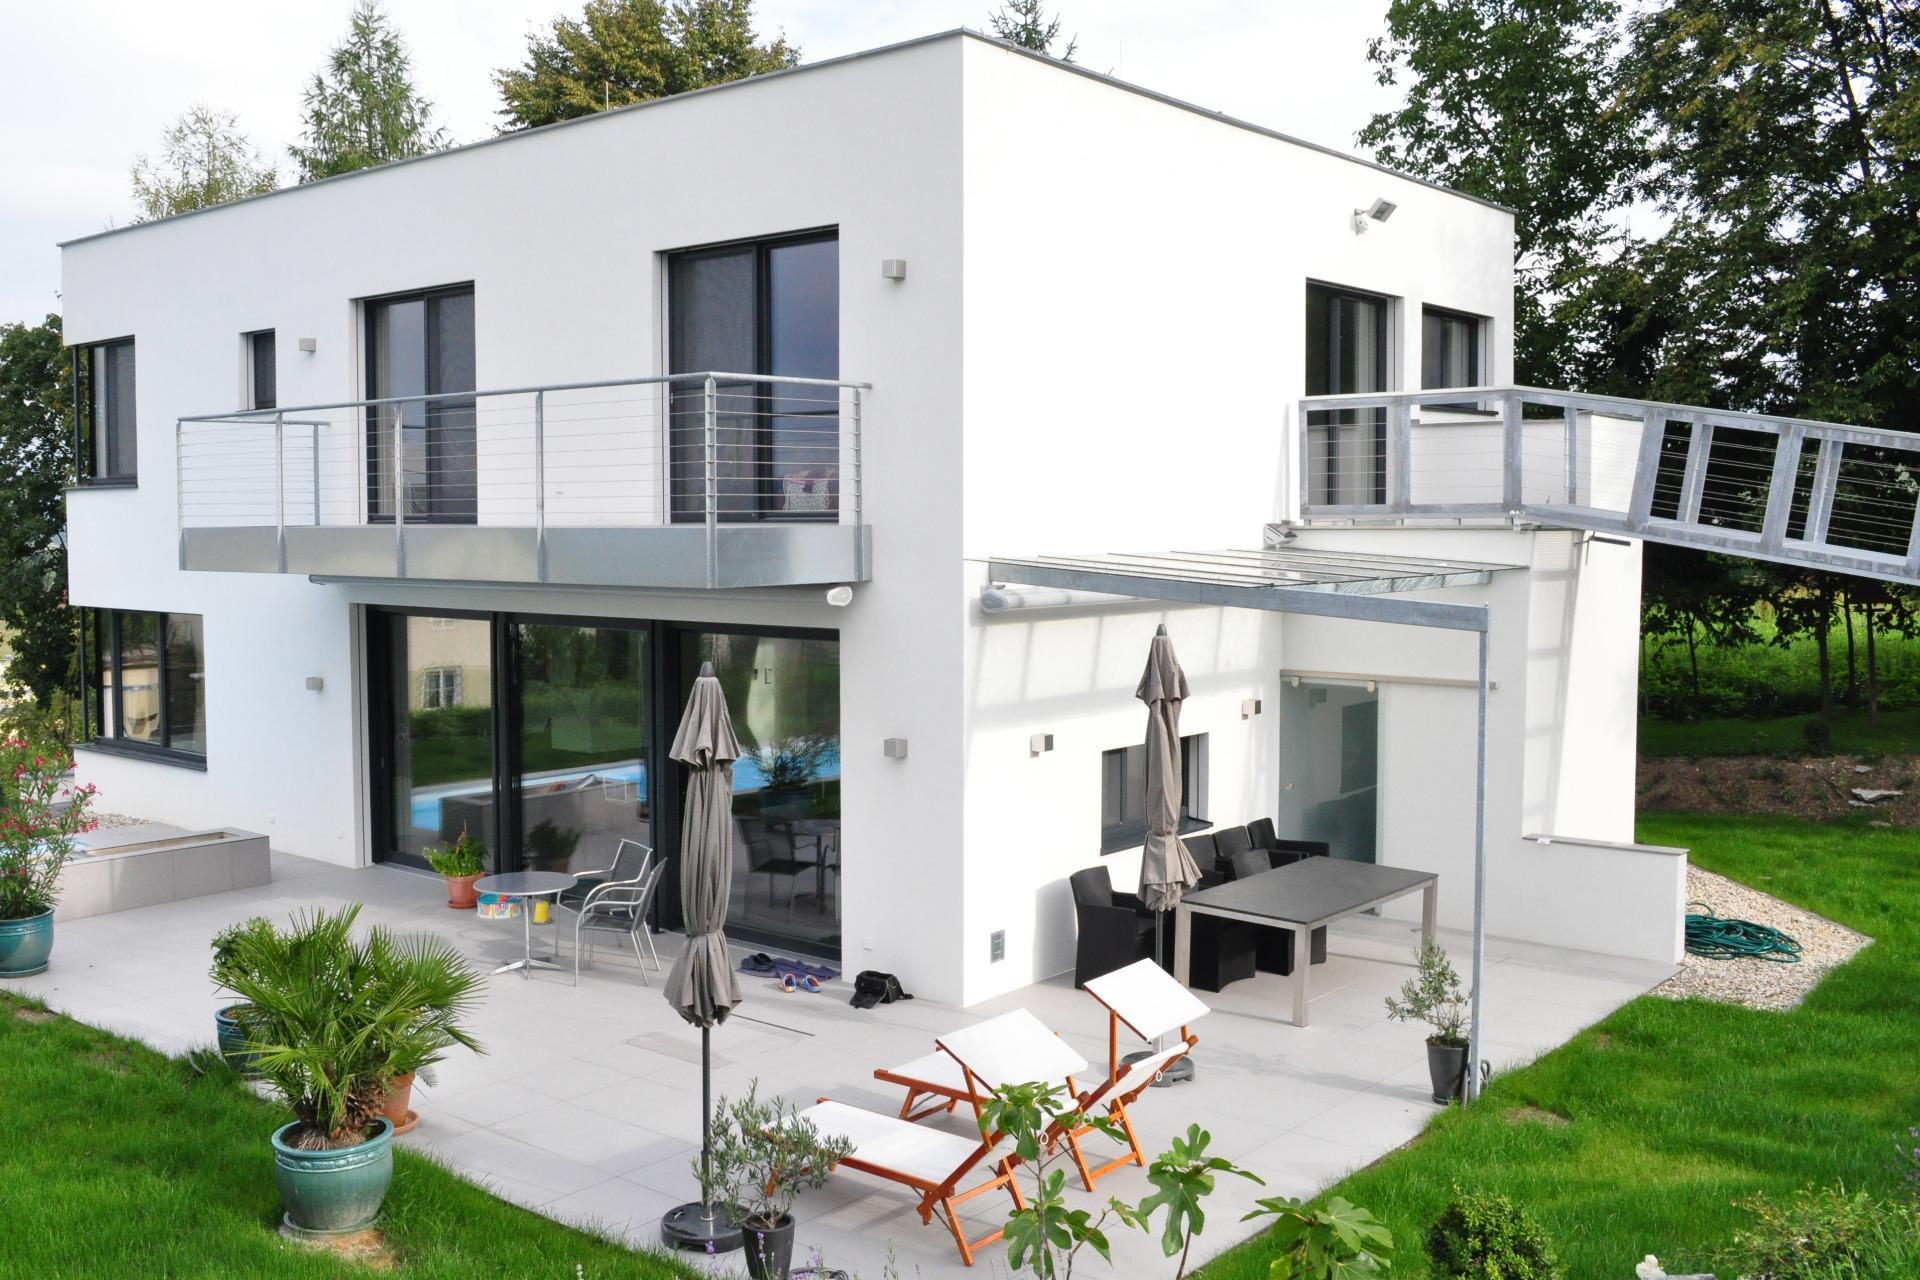 Balkongeländer und Terrassenüberdachung verzinkt